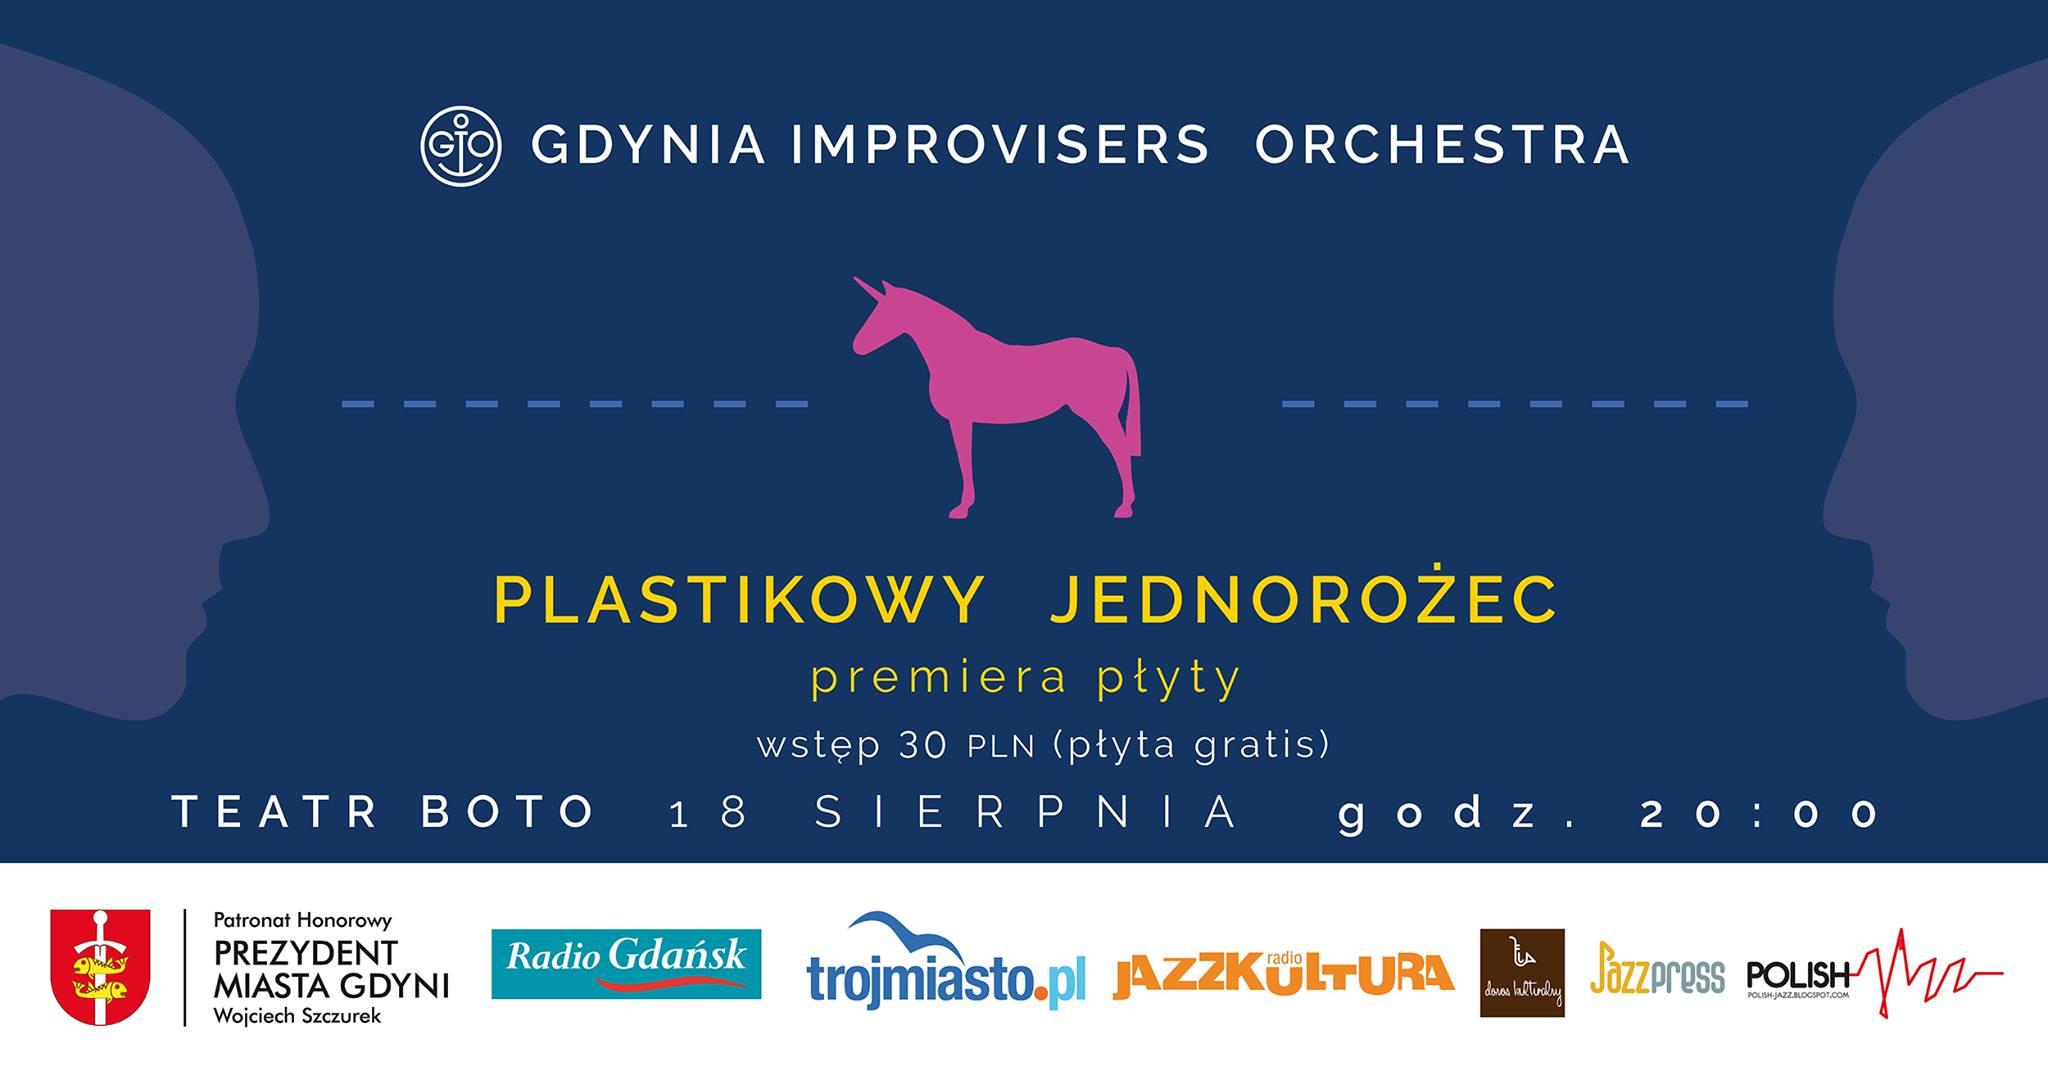 """Gdynia Improvisers Orchestra premiera płyty """"Plastikowy Jednorożec"""""""